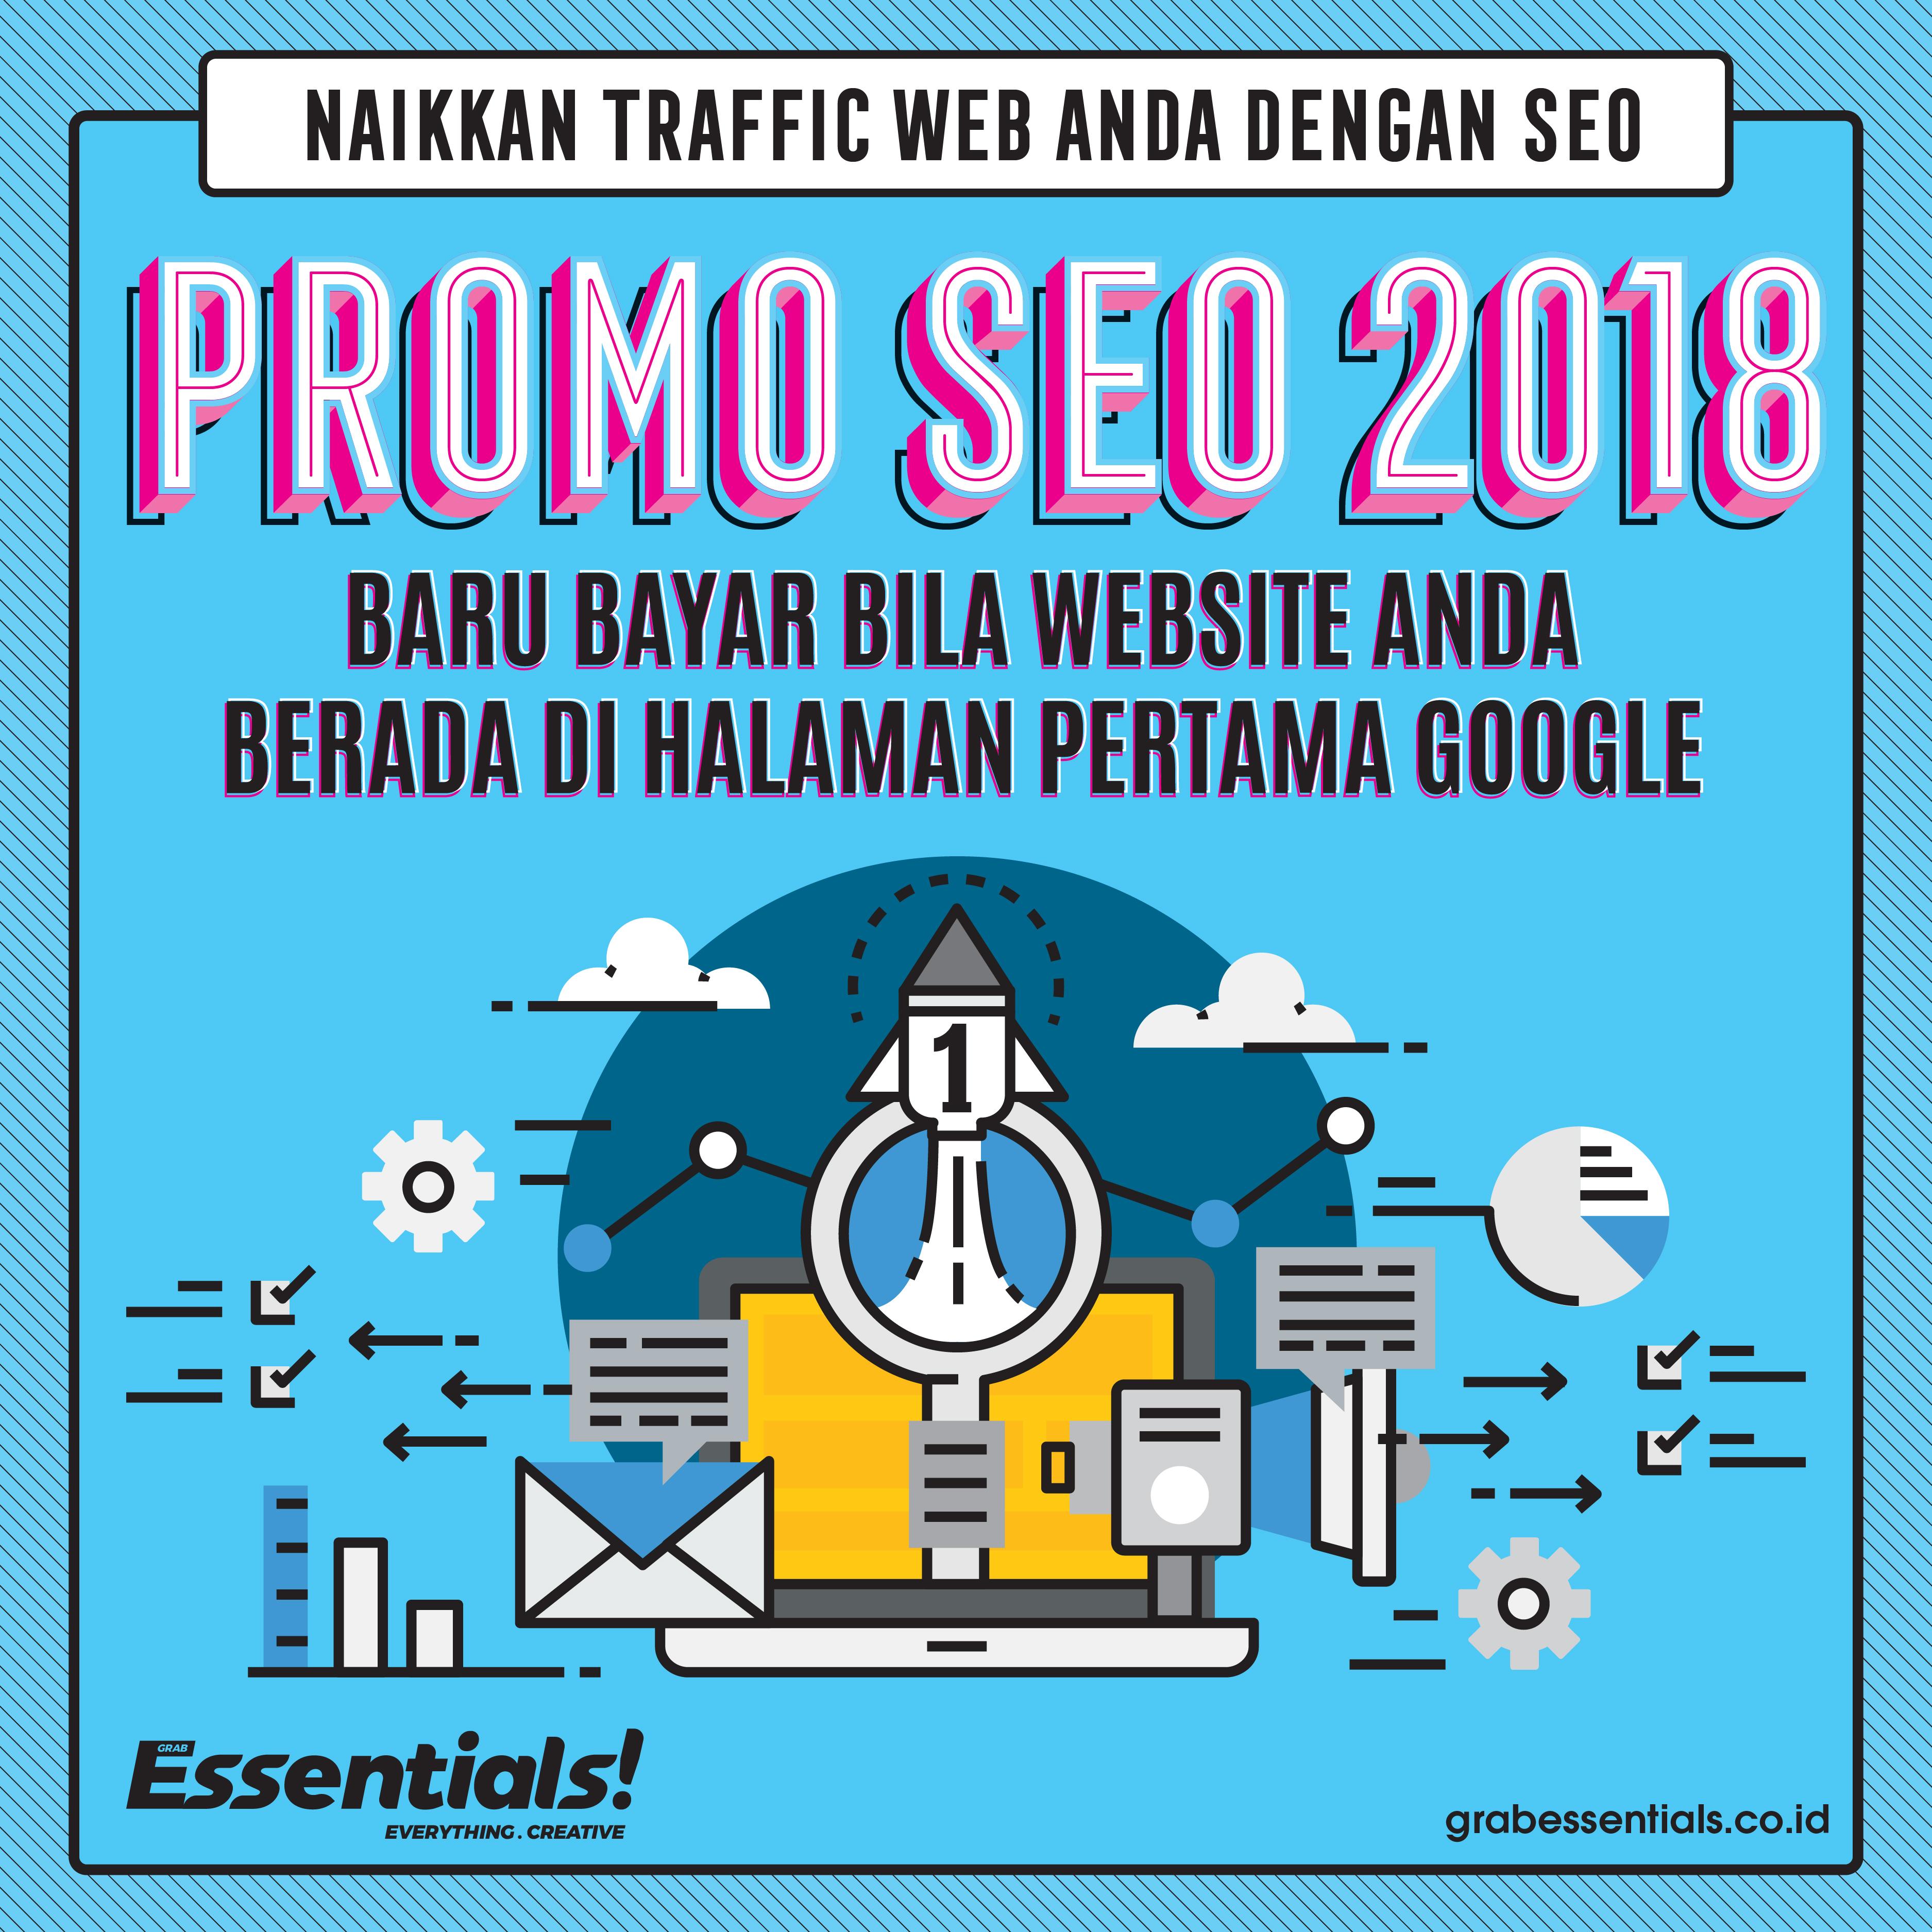 Promo SEO 2018